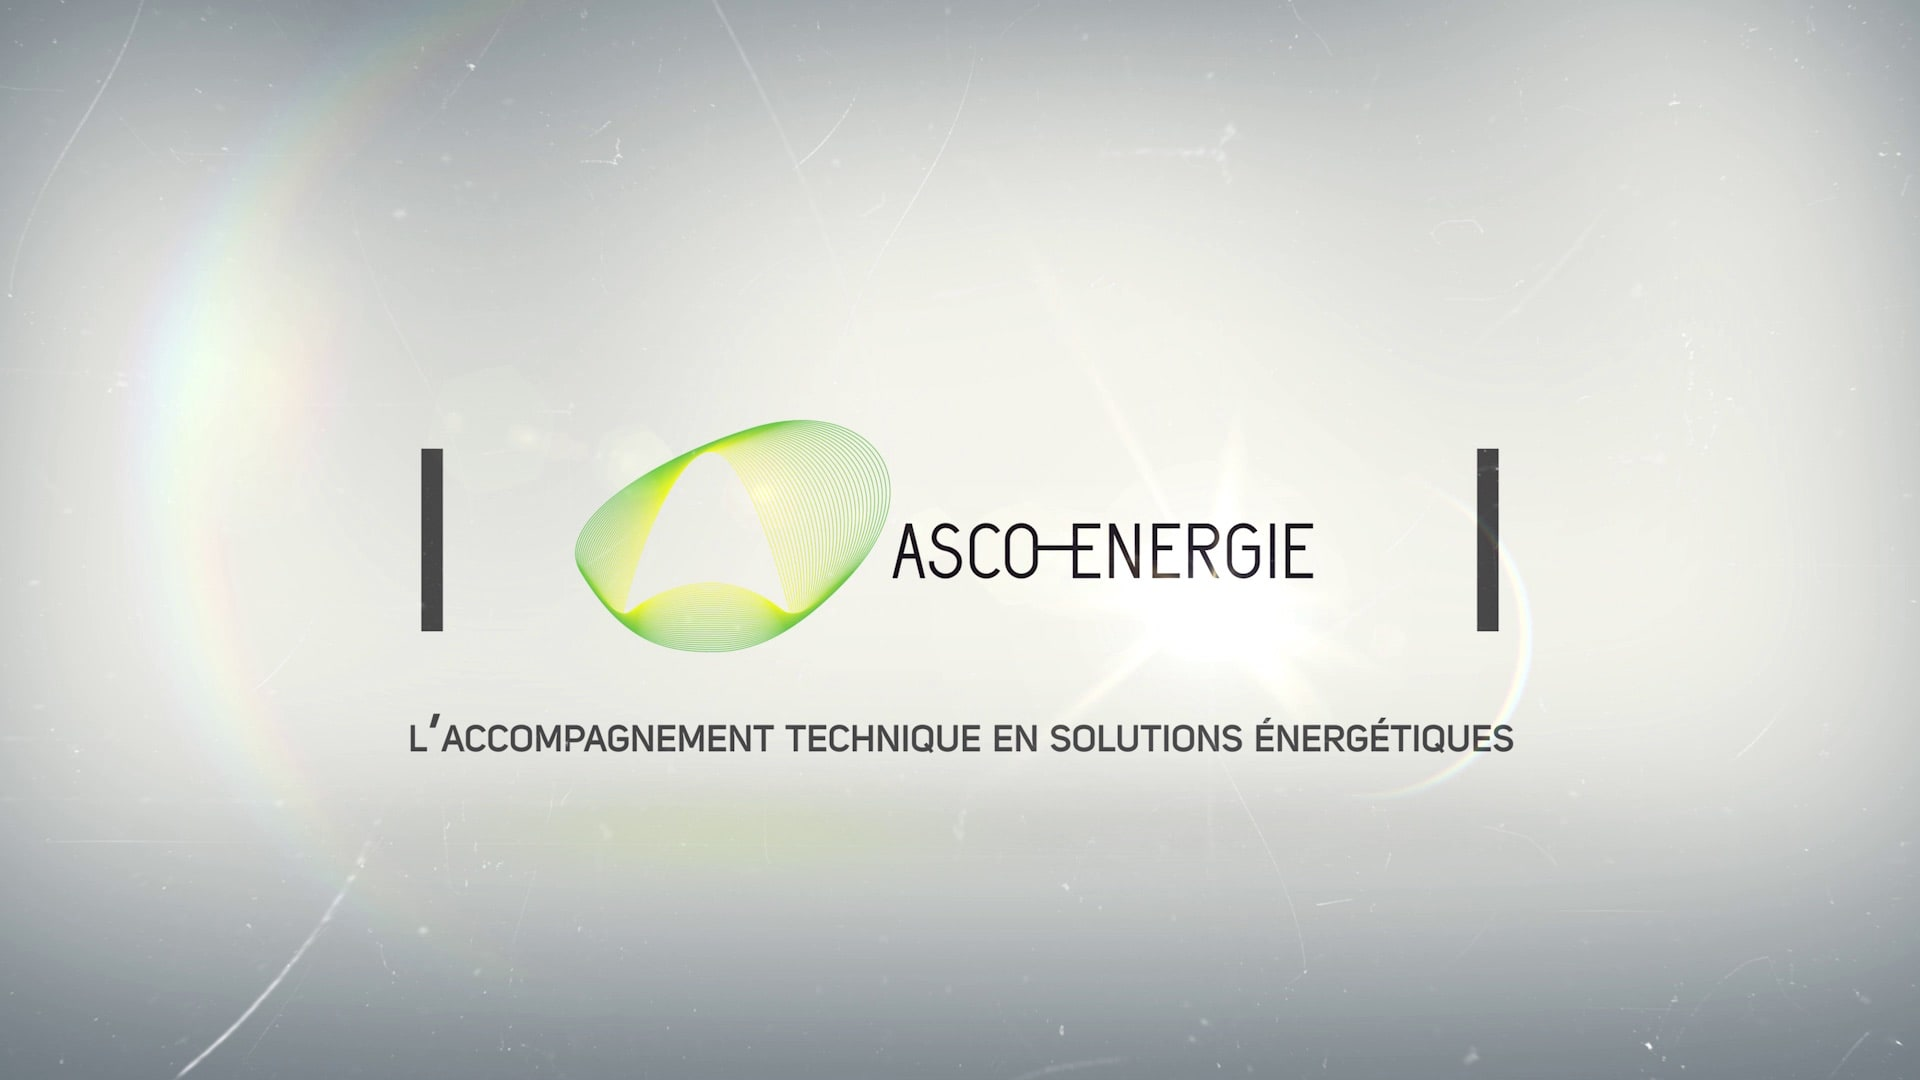 Film d'Entreprise à Montpellier // Asco Energie